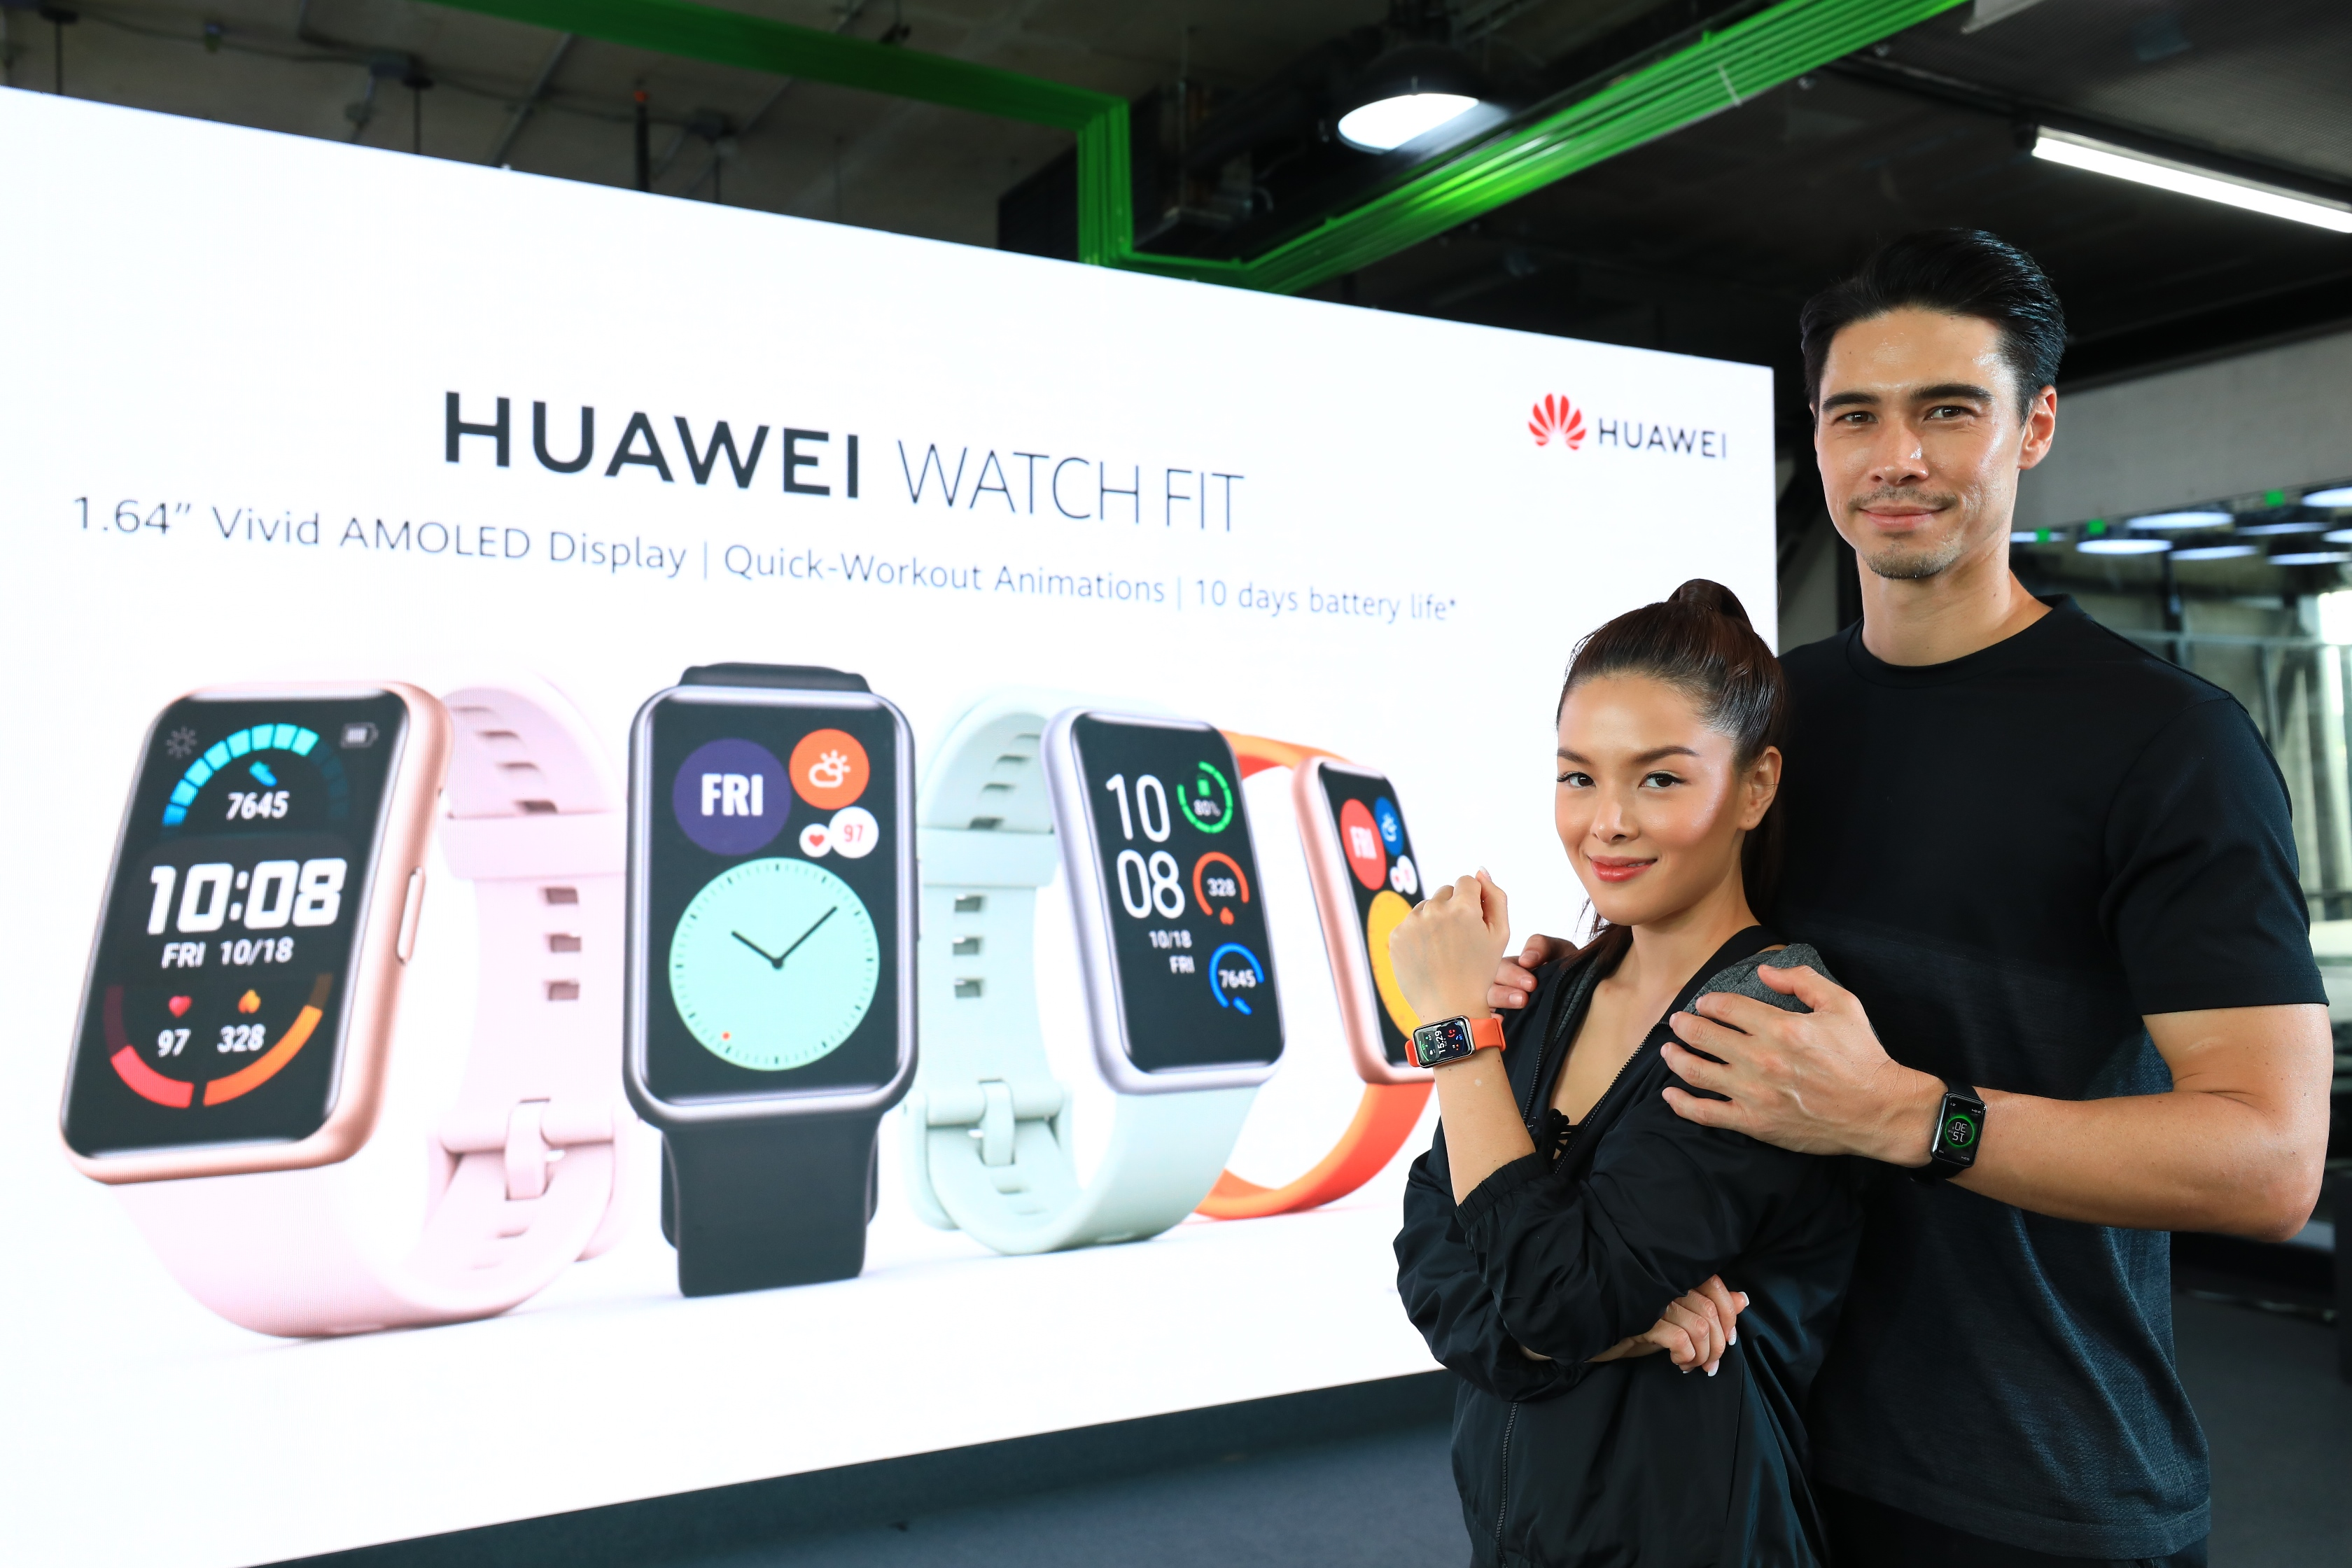 หัวเว่ยรุกตลาดสมาร์ทวอชท์ เปิดตัว HUAWEI Watch Fit แก็ดเจ็ตคู่ใจตอบโจทย์ทุกความต้องการ แม่นยำเหนือระดับ ในราคาเพียง 3,499 บาท